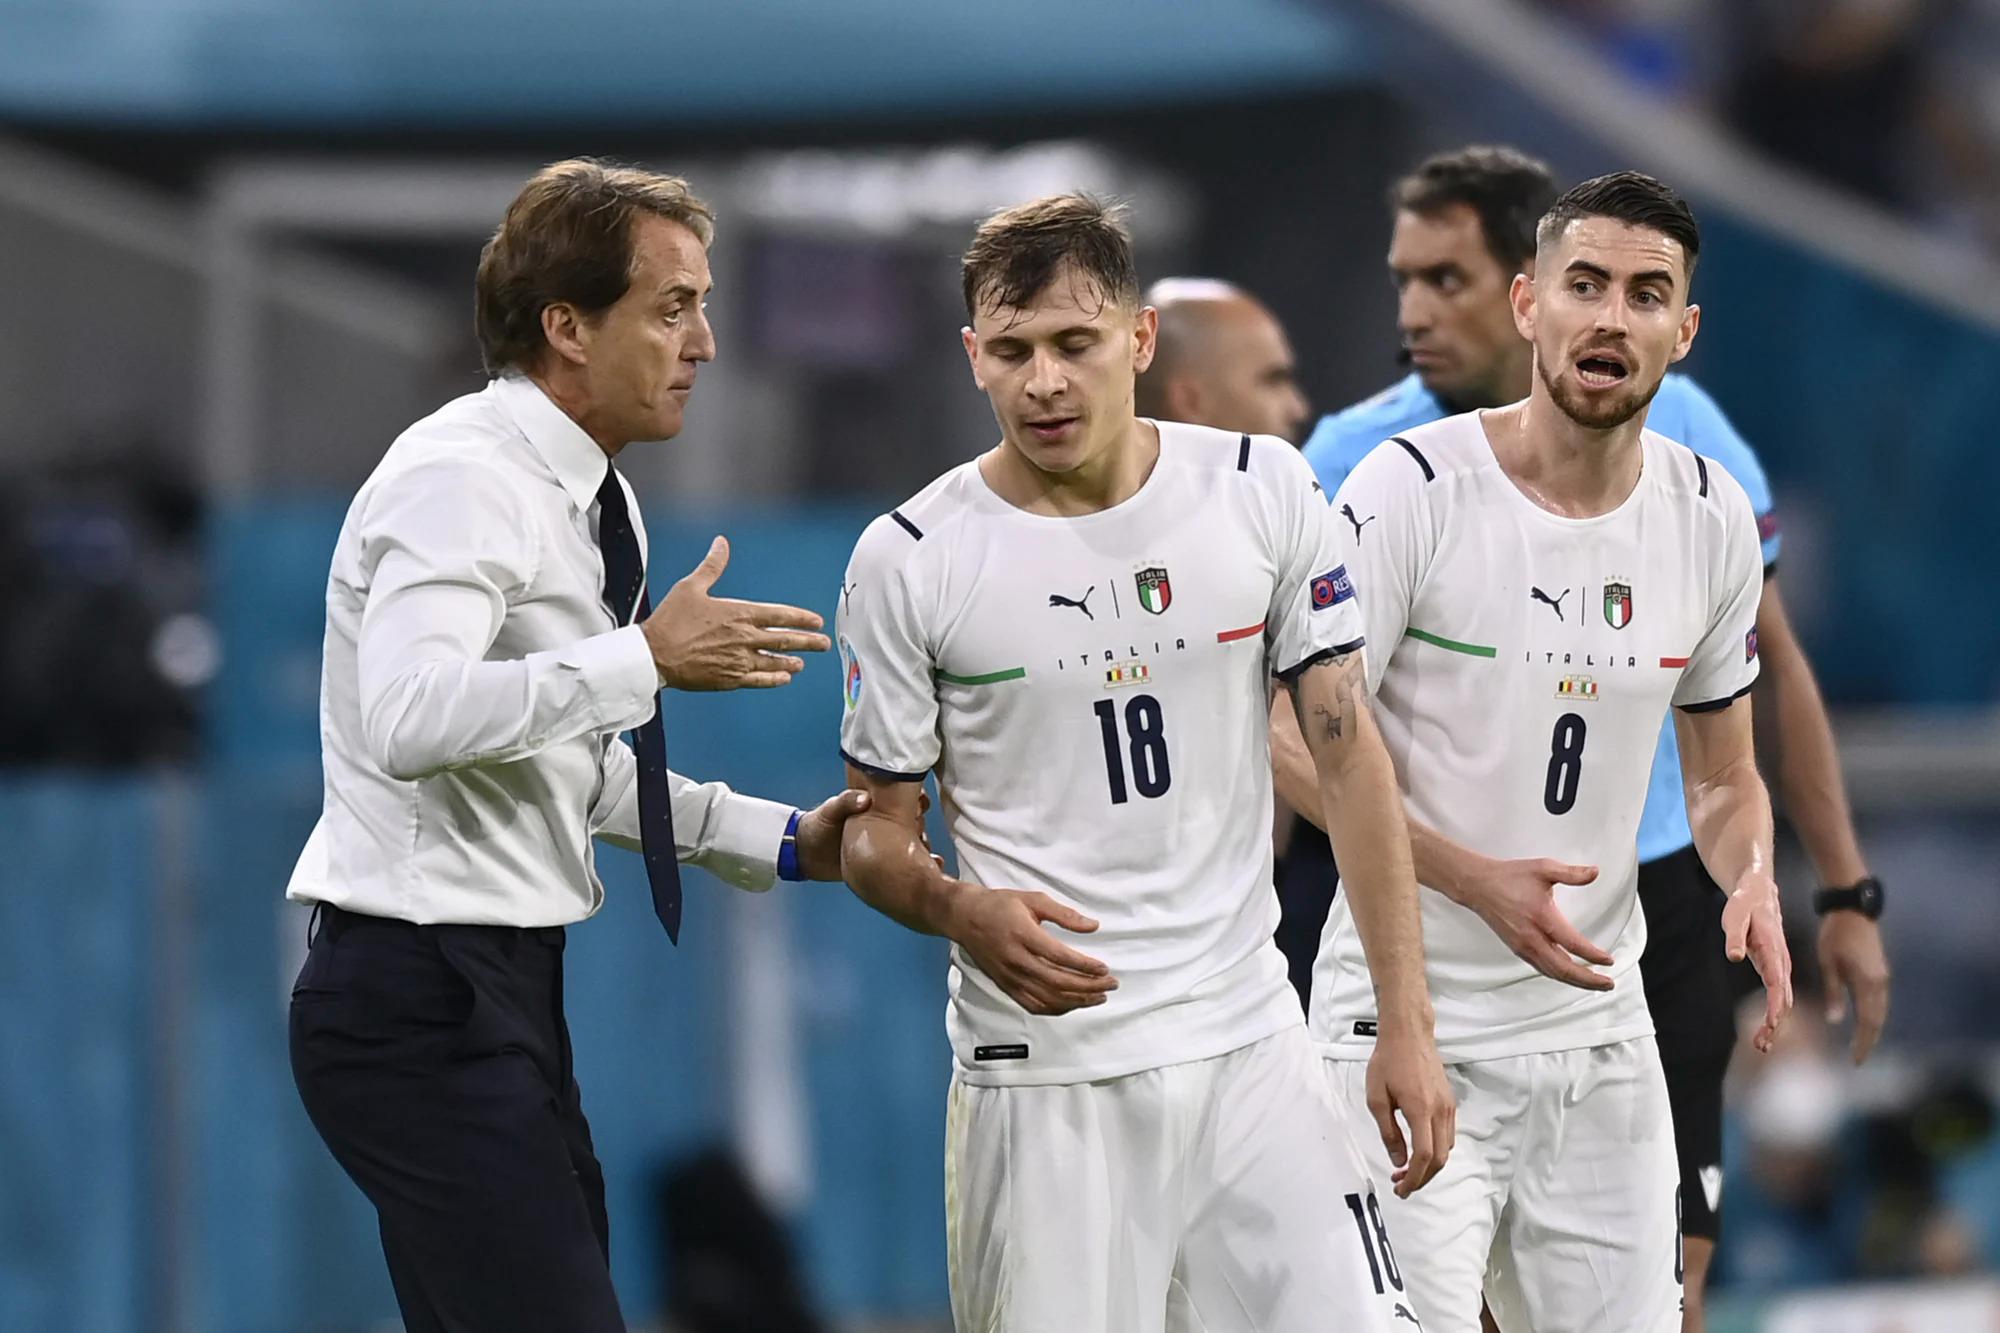 Mancini dặn dò Barella (số 18) trong trận tứ kết trên sân Allianz hôm 2/7. Ảnh: Lapresse